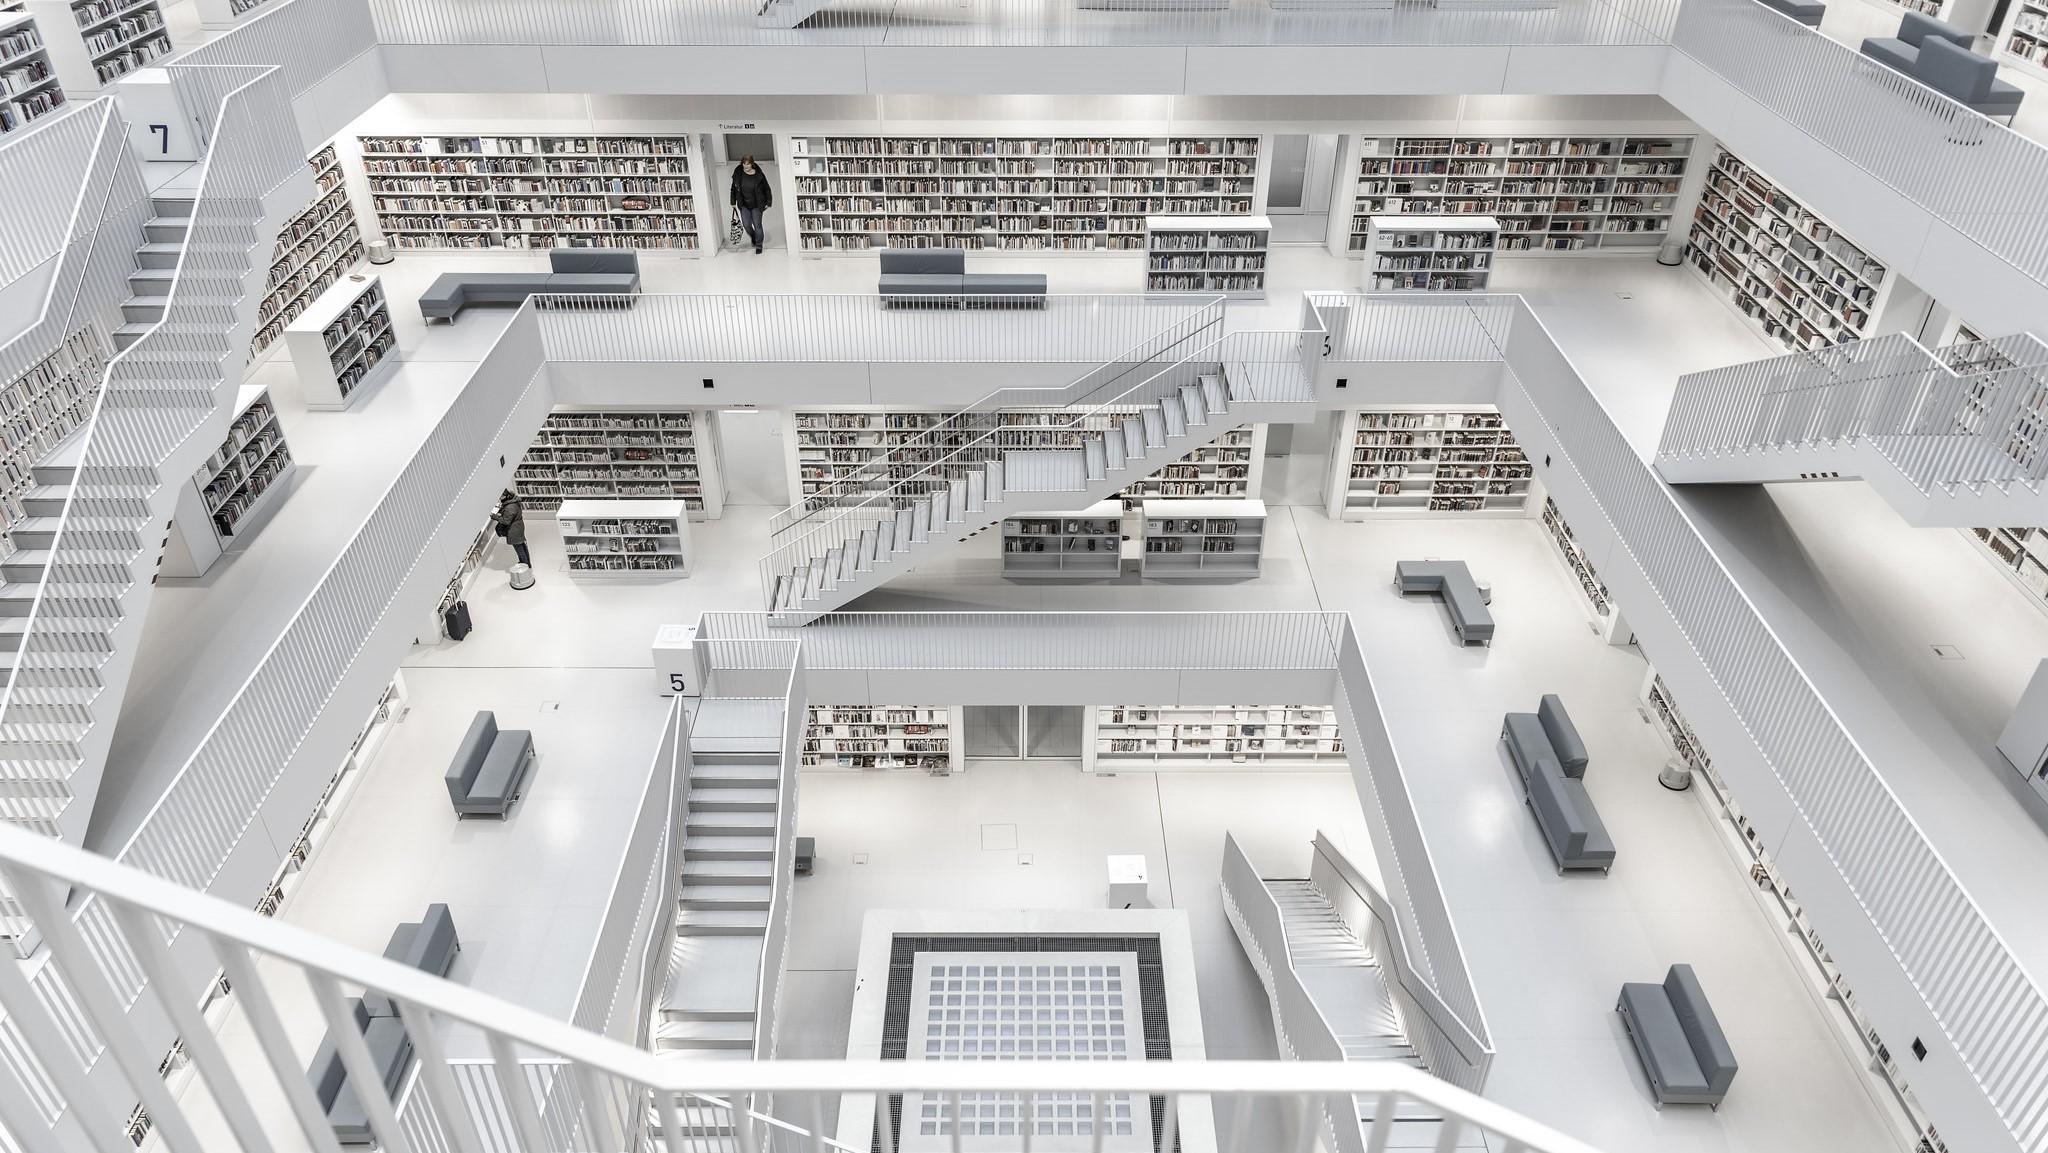 Bibliothèque publique de Stuttgart - Stephen Pham - Flickr